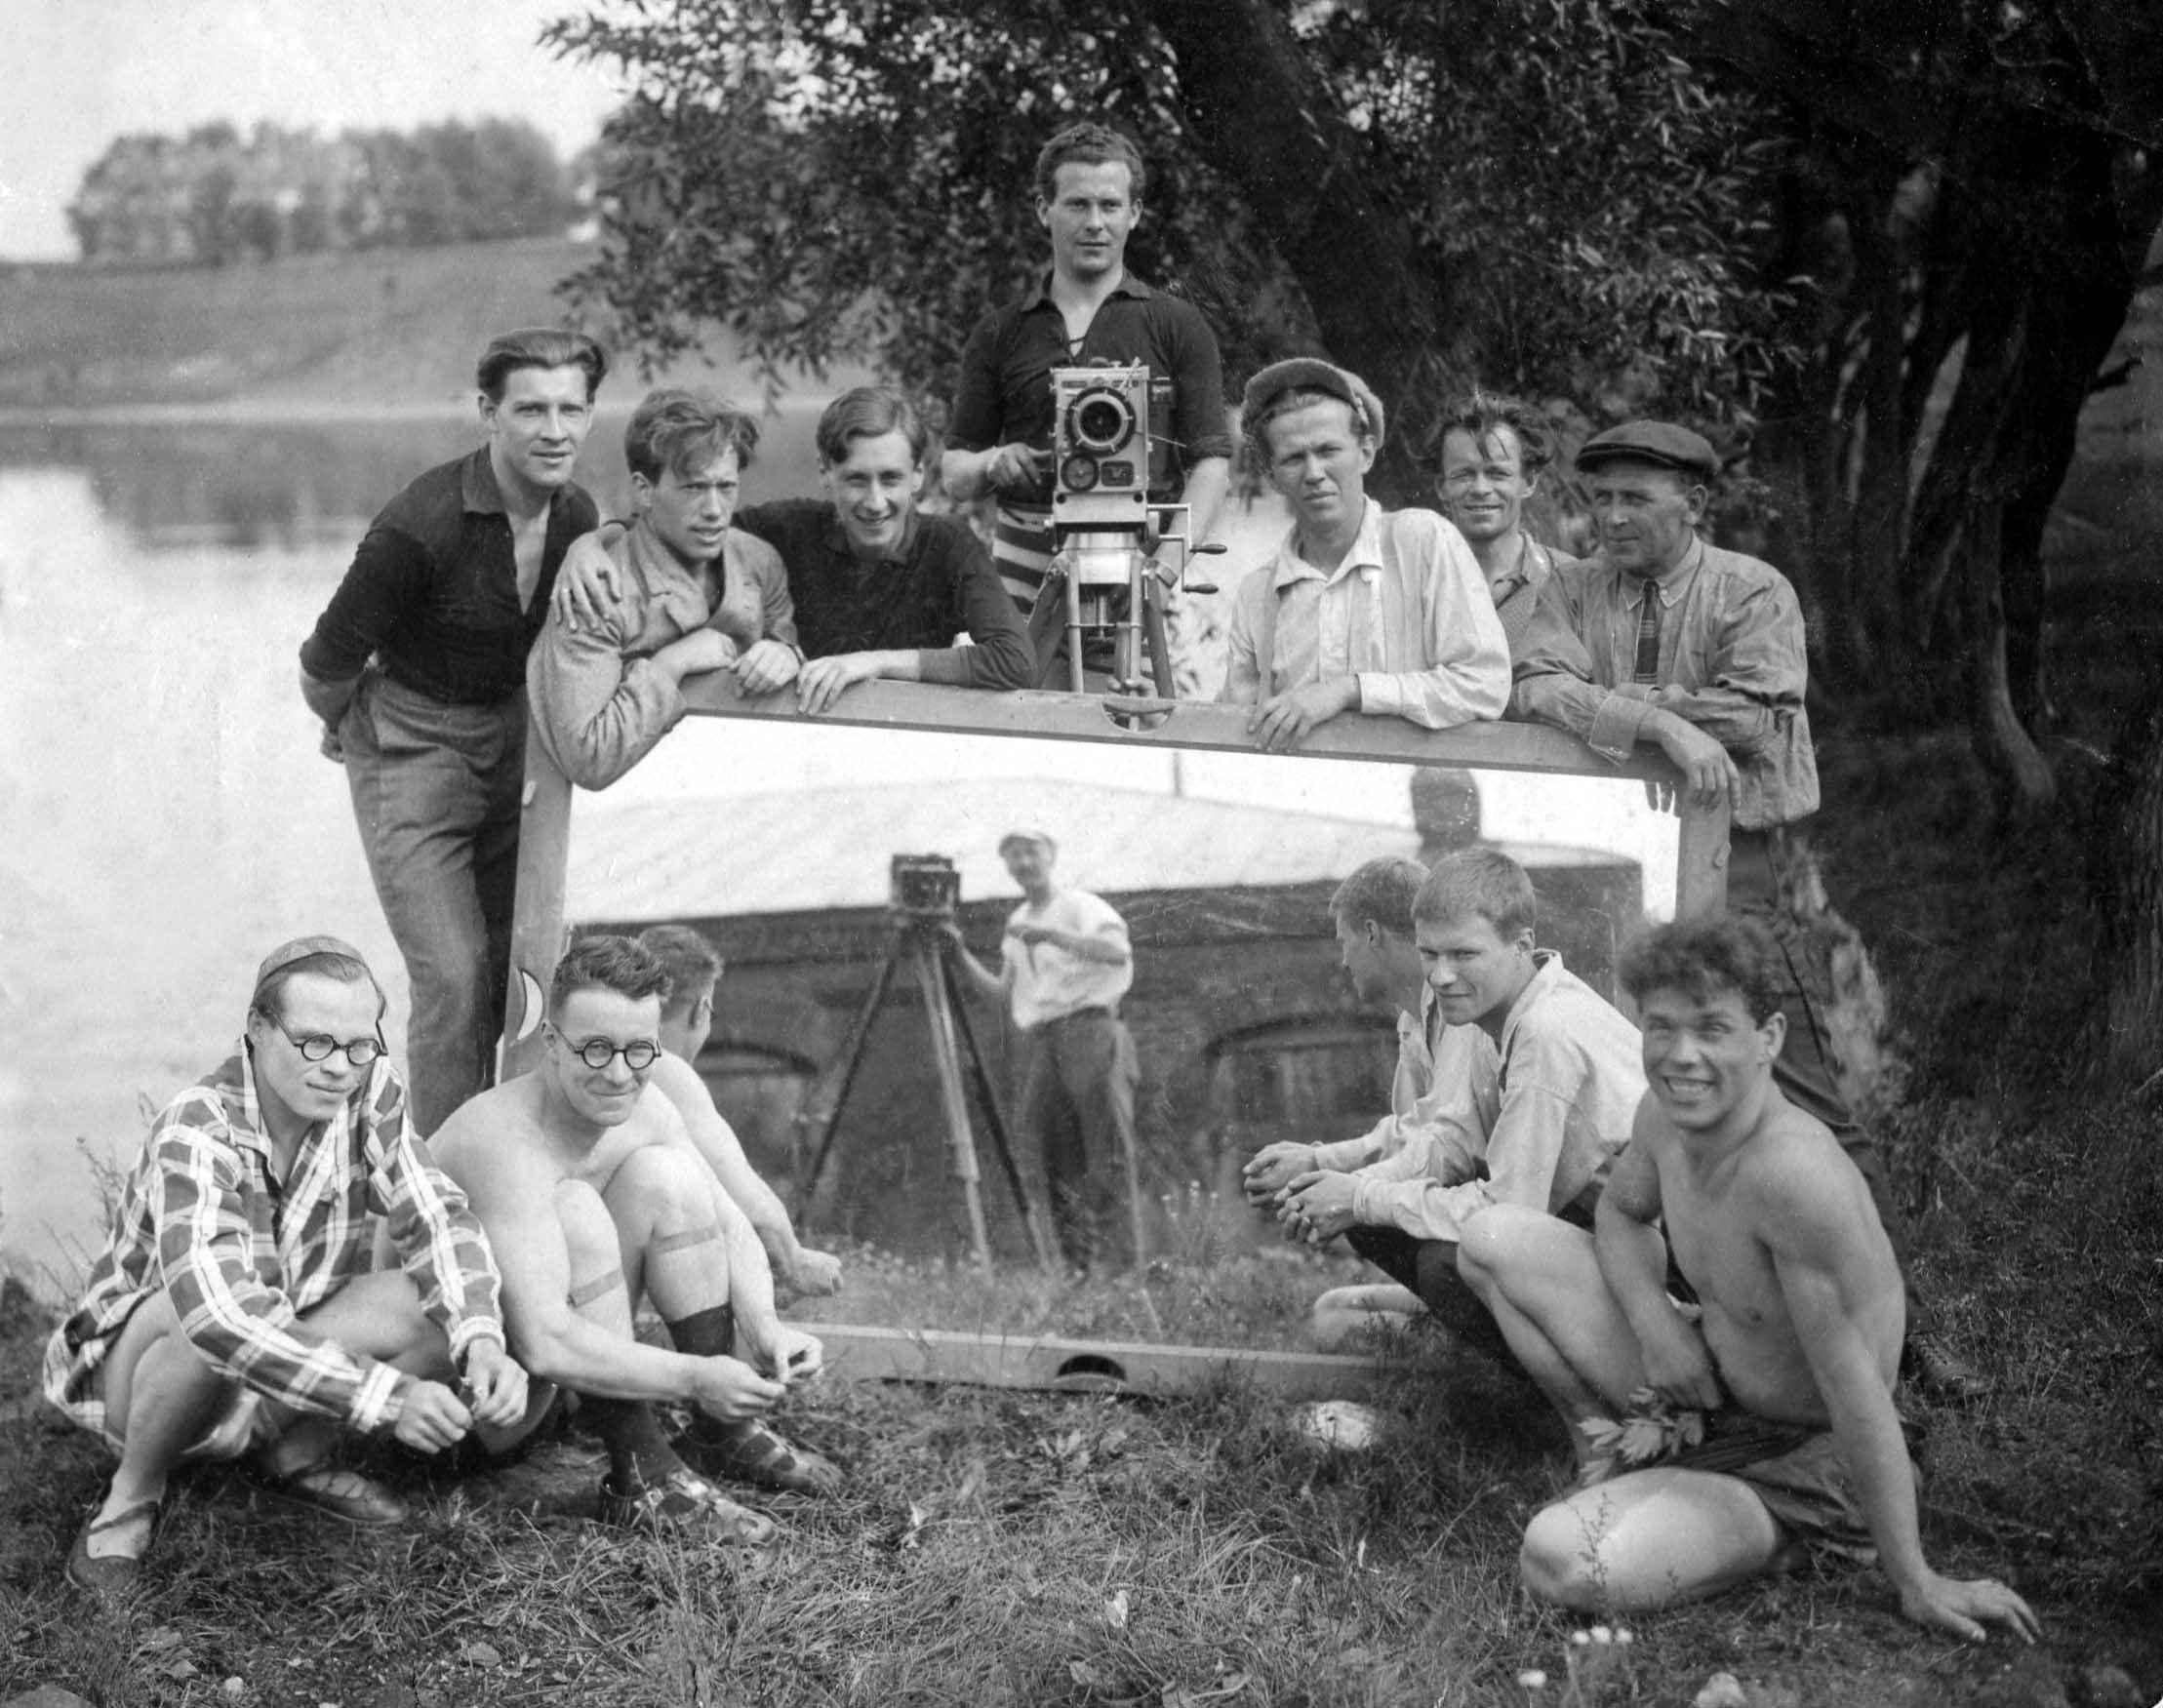 Экспонат #7. С Сергеем Юткевичем. 1925 — 1926 гг.